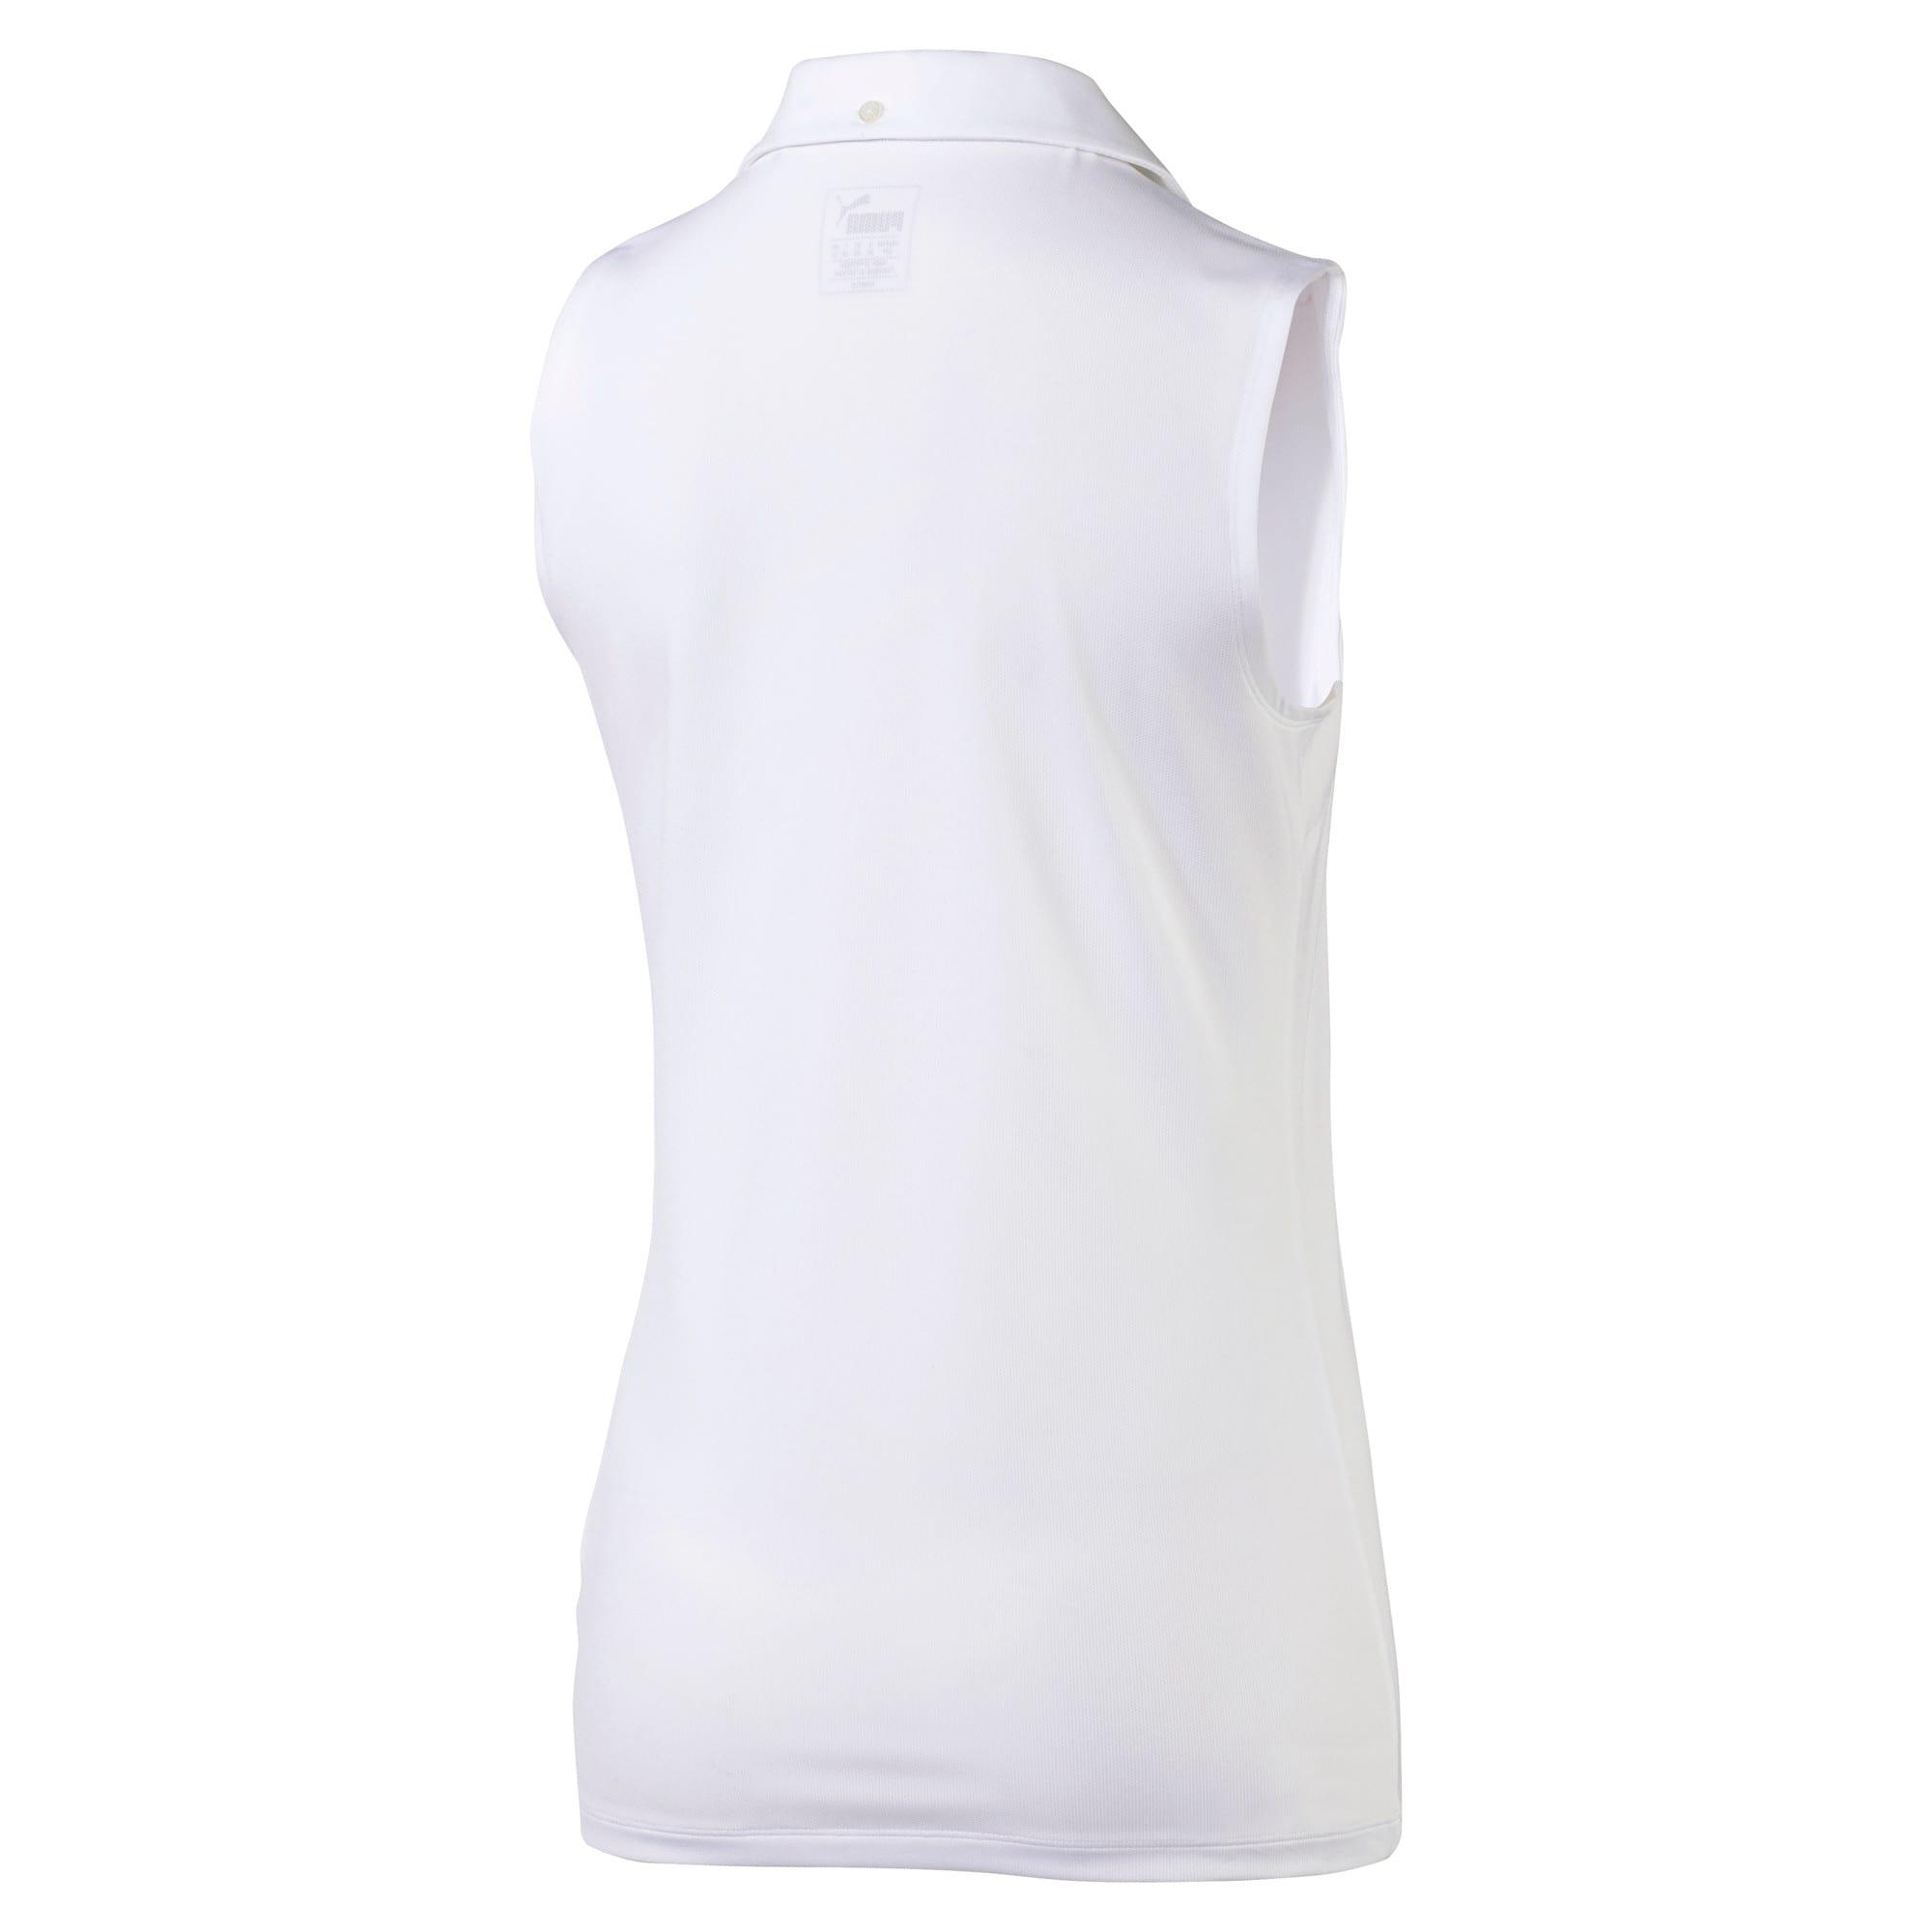 Thumbnail 5 of Golf Women's Pounce Sleeveless Polo, Bright White, medium